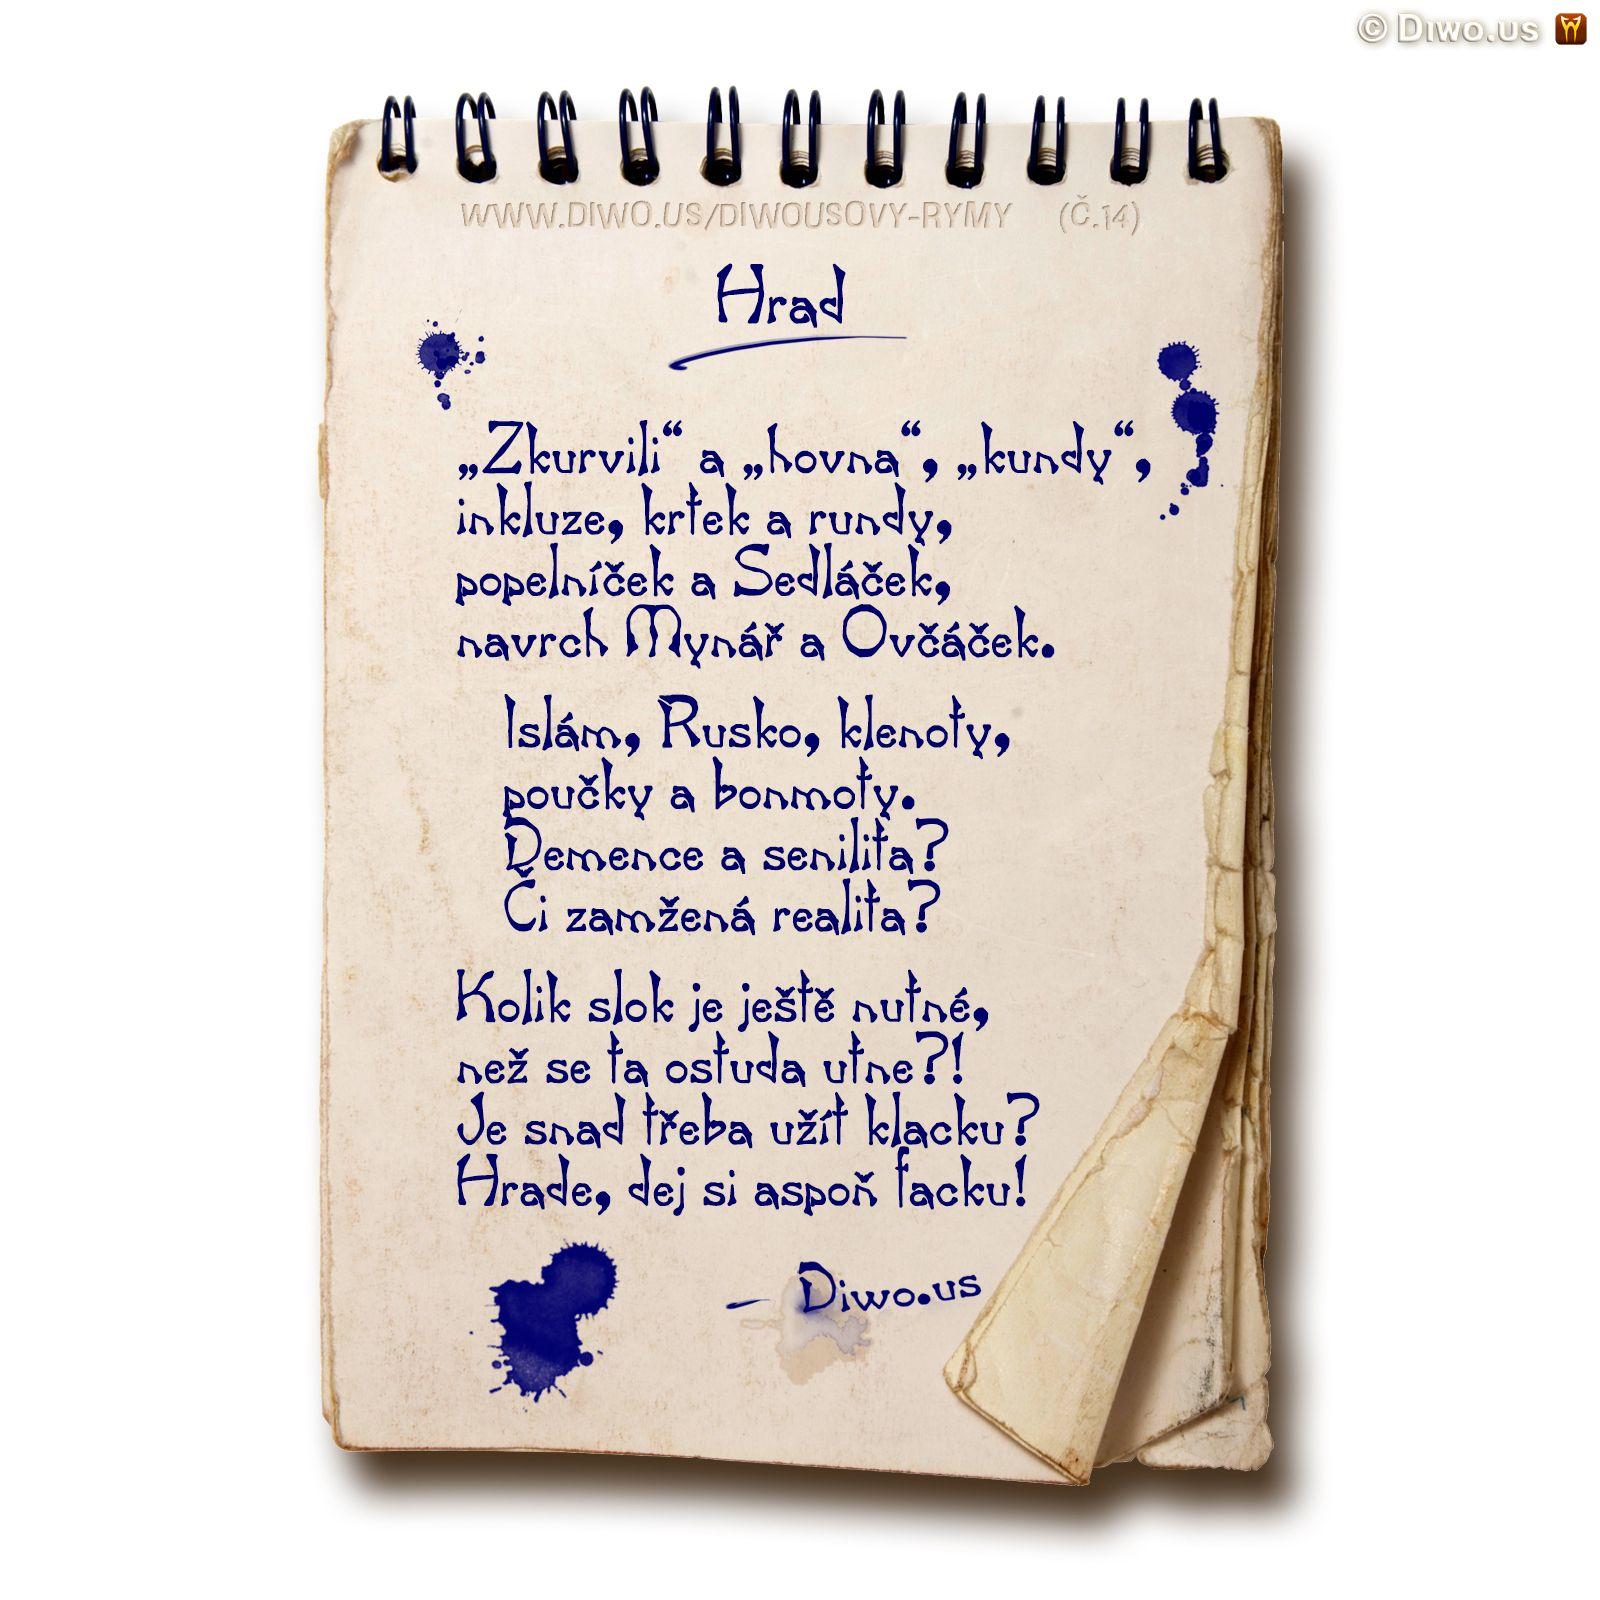 Diwous, Diwousovy Rýmy, č.14, Hrad, básně, humorné básničky, legrace, parodie, říkanky, rýmovačky, satira, sranda, verše, veršovánky, žertovné, Zkurvili a hovna kundy, inkluze, krtek, krteček, rundy, popelníček, Sedláček, Mynář, Ovčáček, islám, Rusko, korunovační klenoty, poučky, bonmoty, demence, stařecká senilita, realita, ostuda, sprostá slova, vulgarizmy, klacek, facka, aféry, prezident Miloš Zeman, Hovory z Lán, rozhlasový pořad, rozhovory s prezidentem